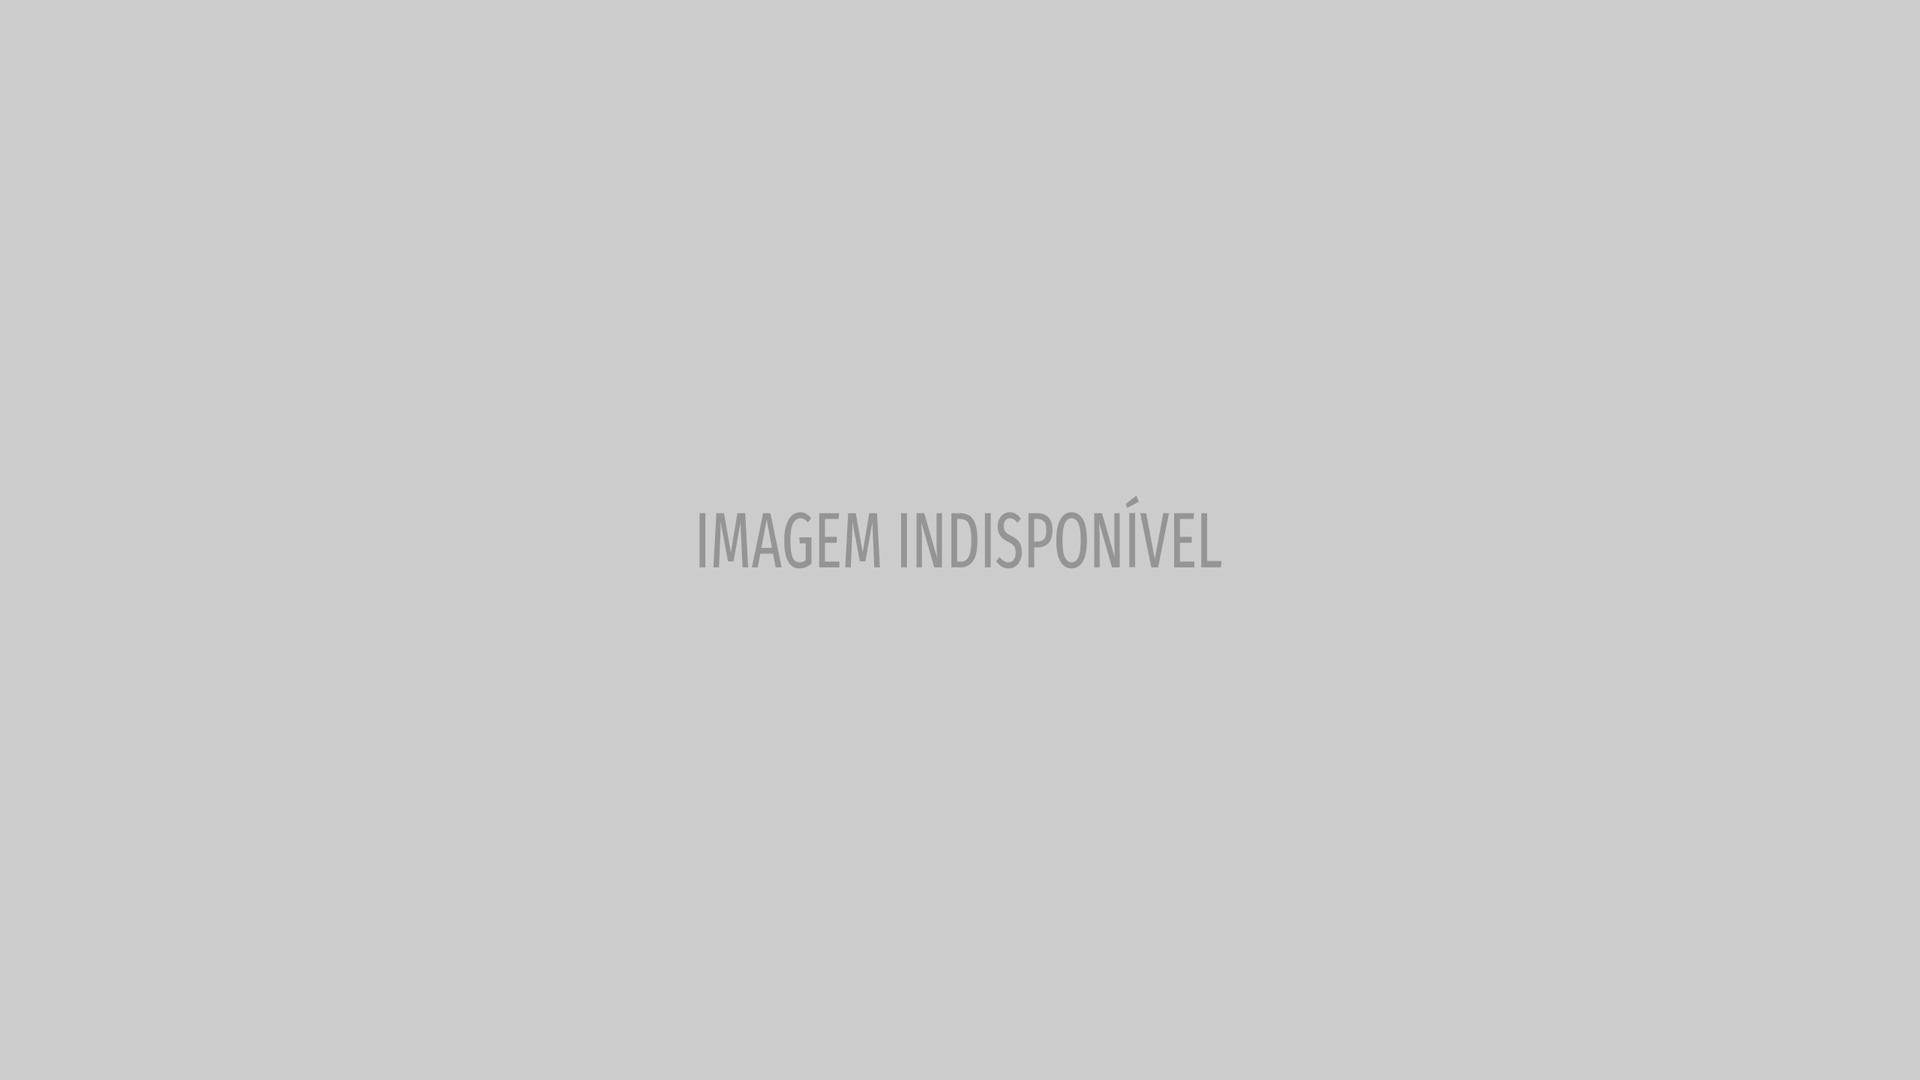 Eis as fotografias oficiais do noivado da princesa Eugenie